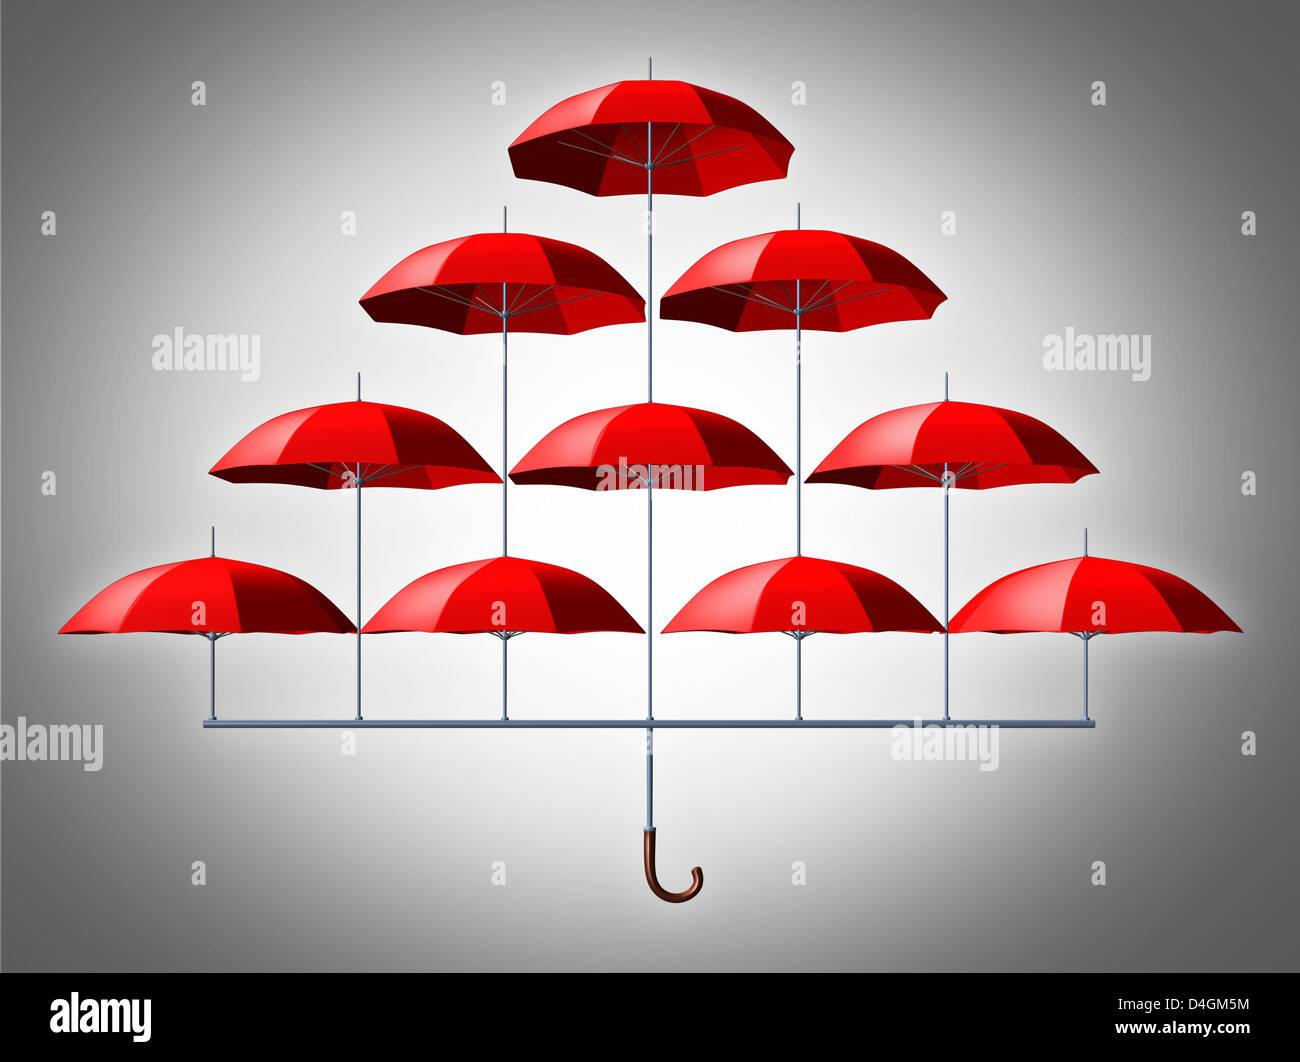 Concept de sécurité protection de groupe avec une ombrelle faite de multiples petites parapluies rouges Photo Stock